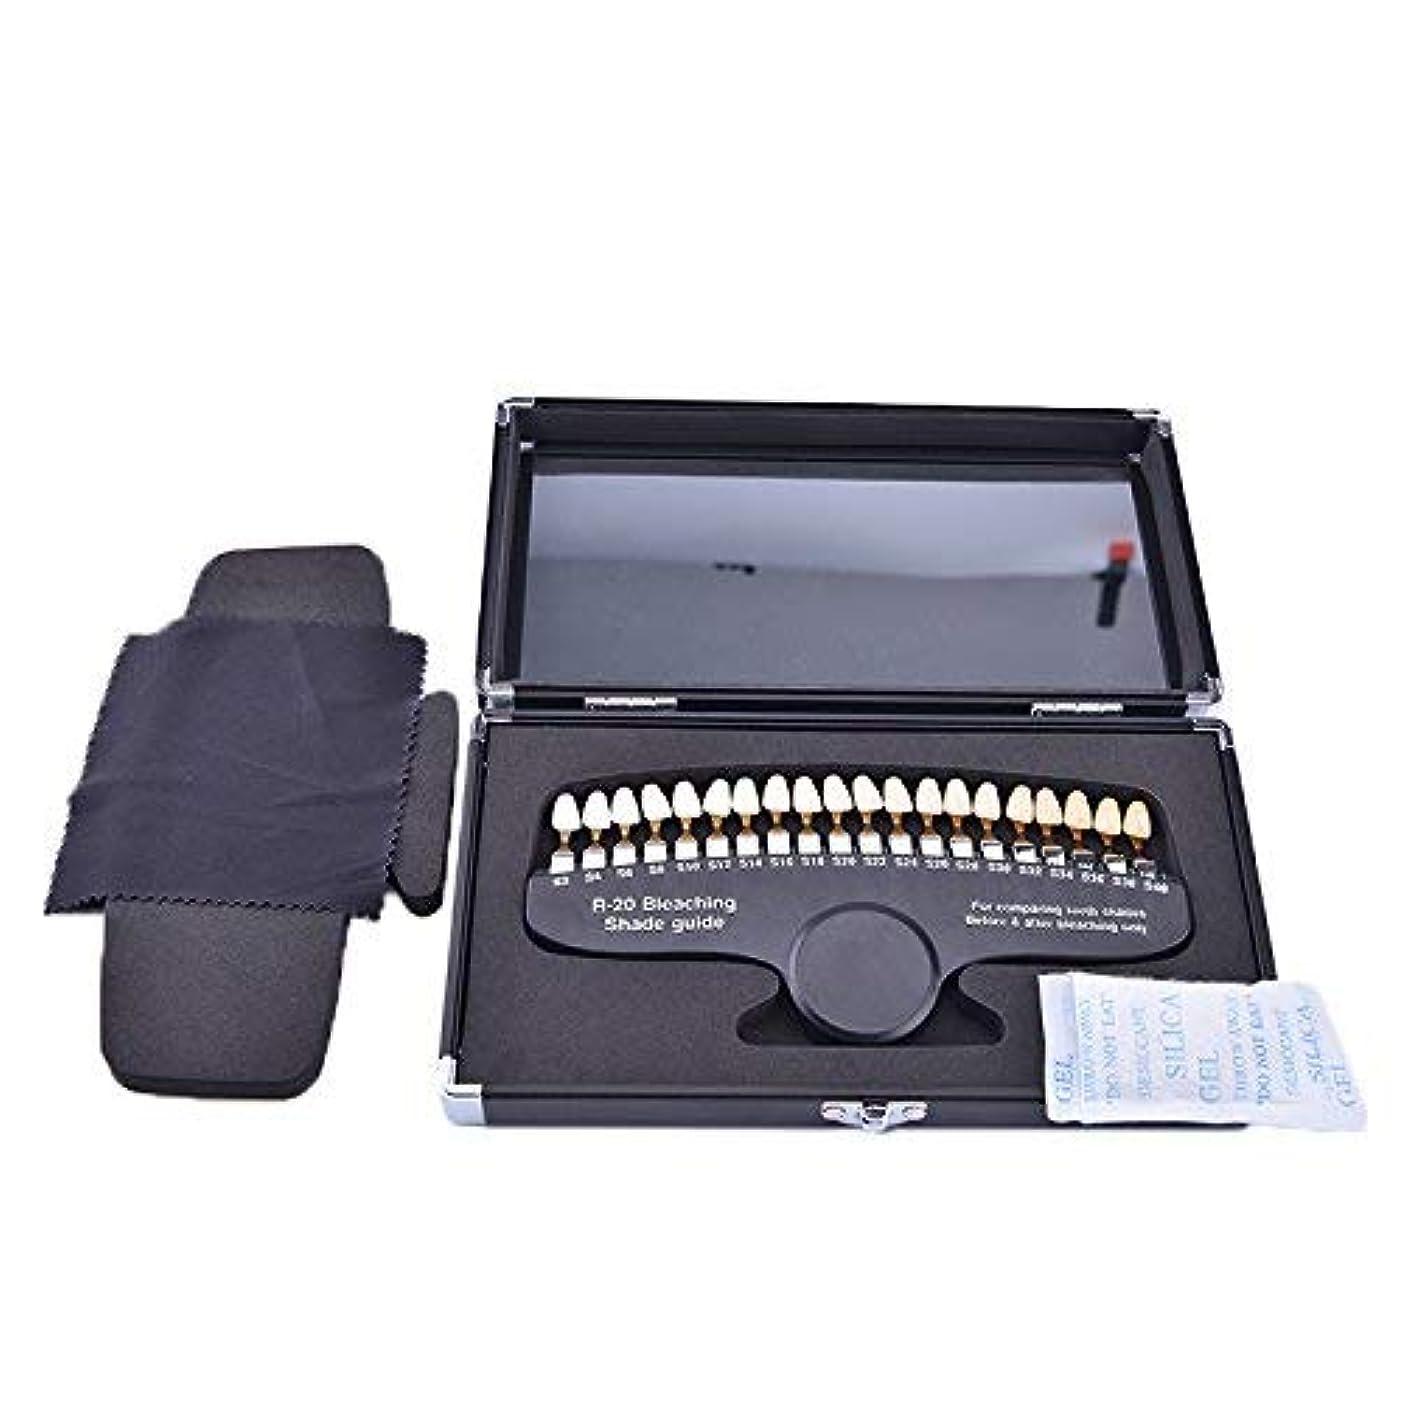 鉄部ドリンクデンタル ホワイトニング シェード ガイドー 20色デンタル専用抜ける歯列模型ボード 鏡付き